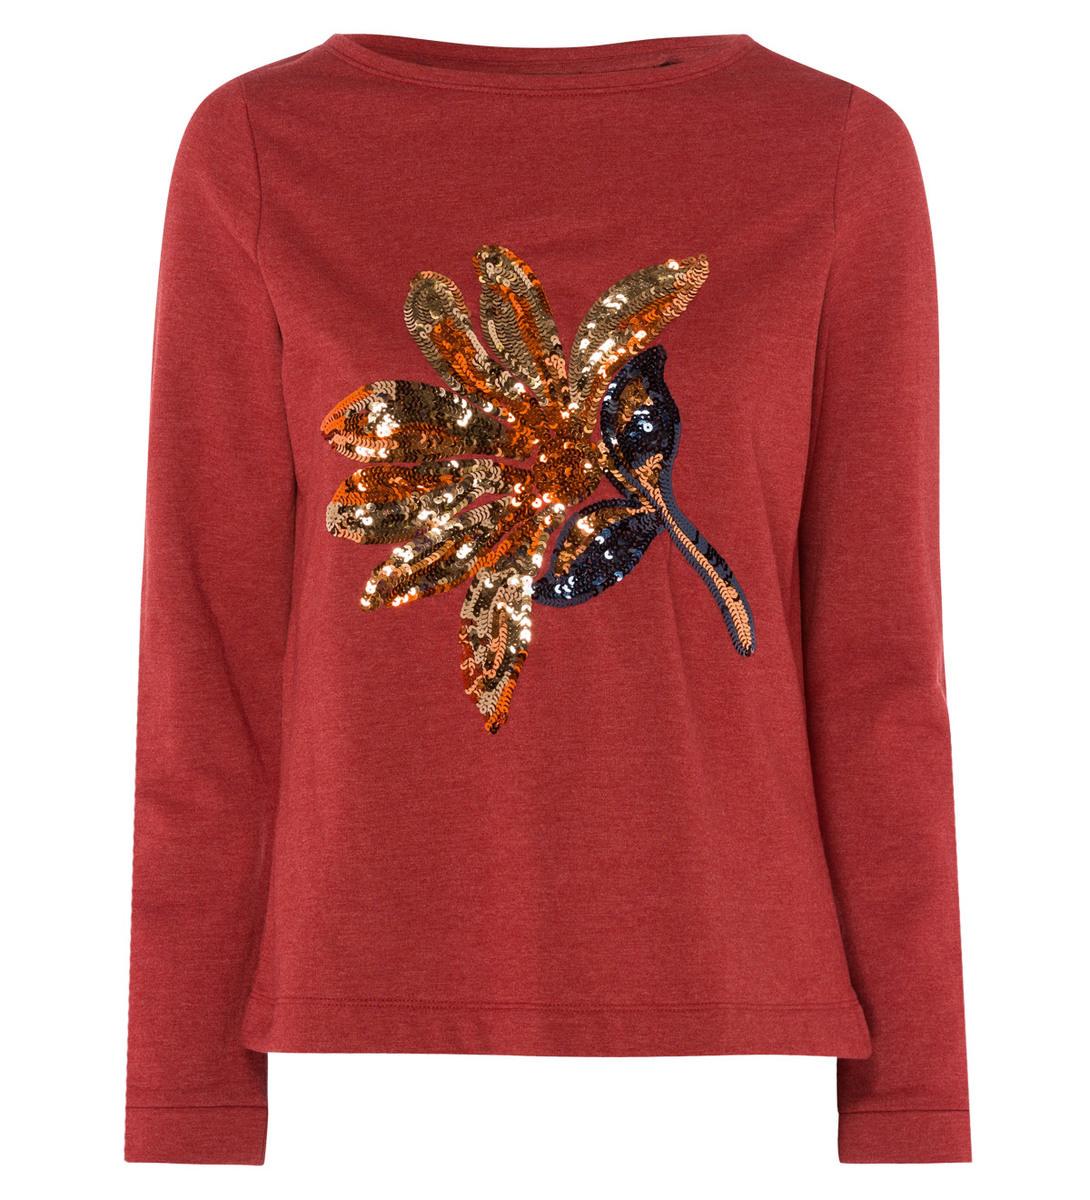 Sweatshirt mit Paillettenmotiv in winter orange